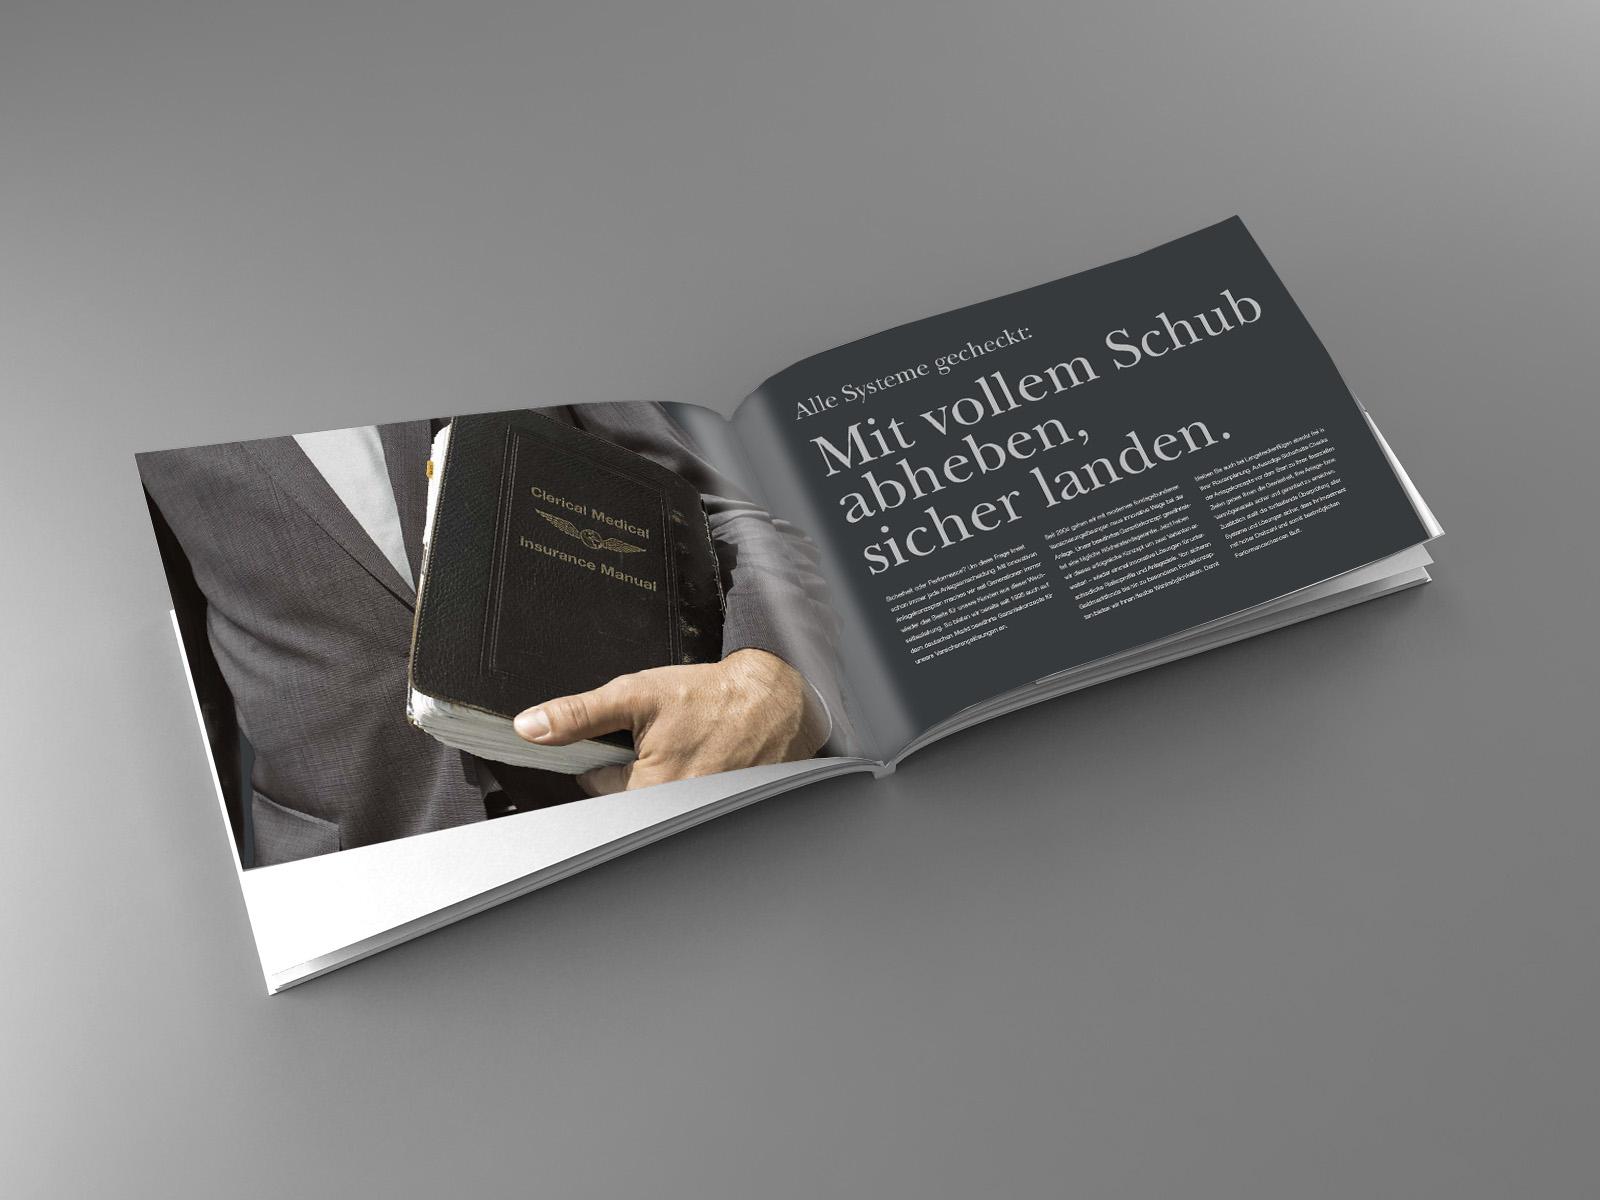 Seiten3.jpg